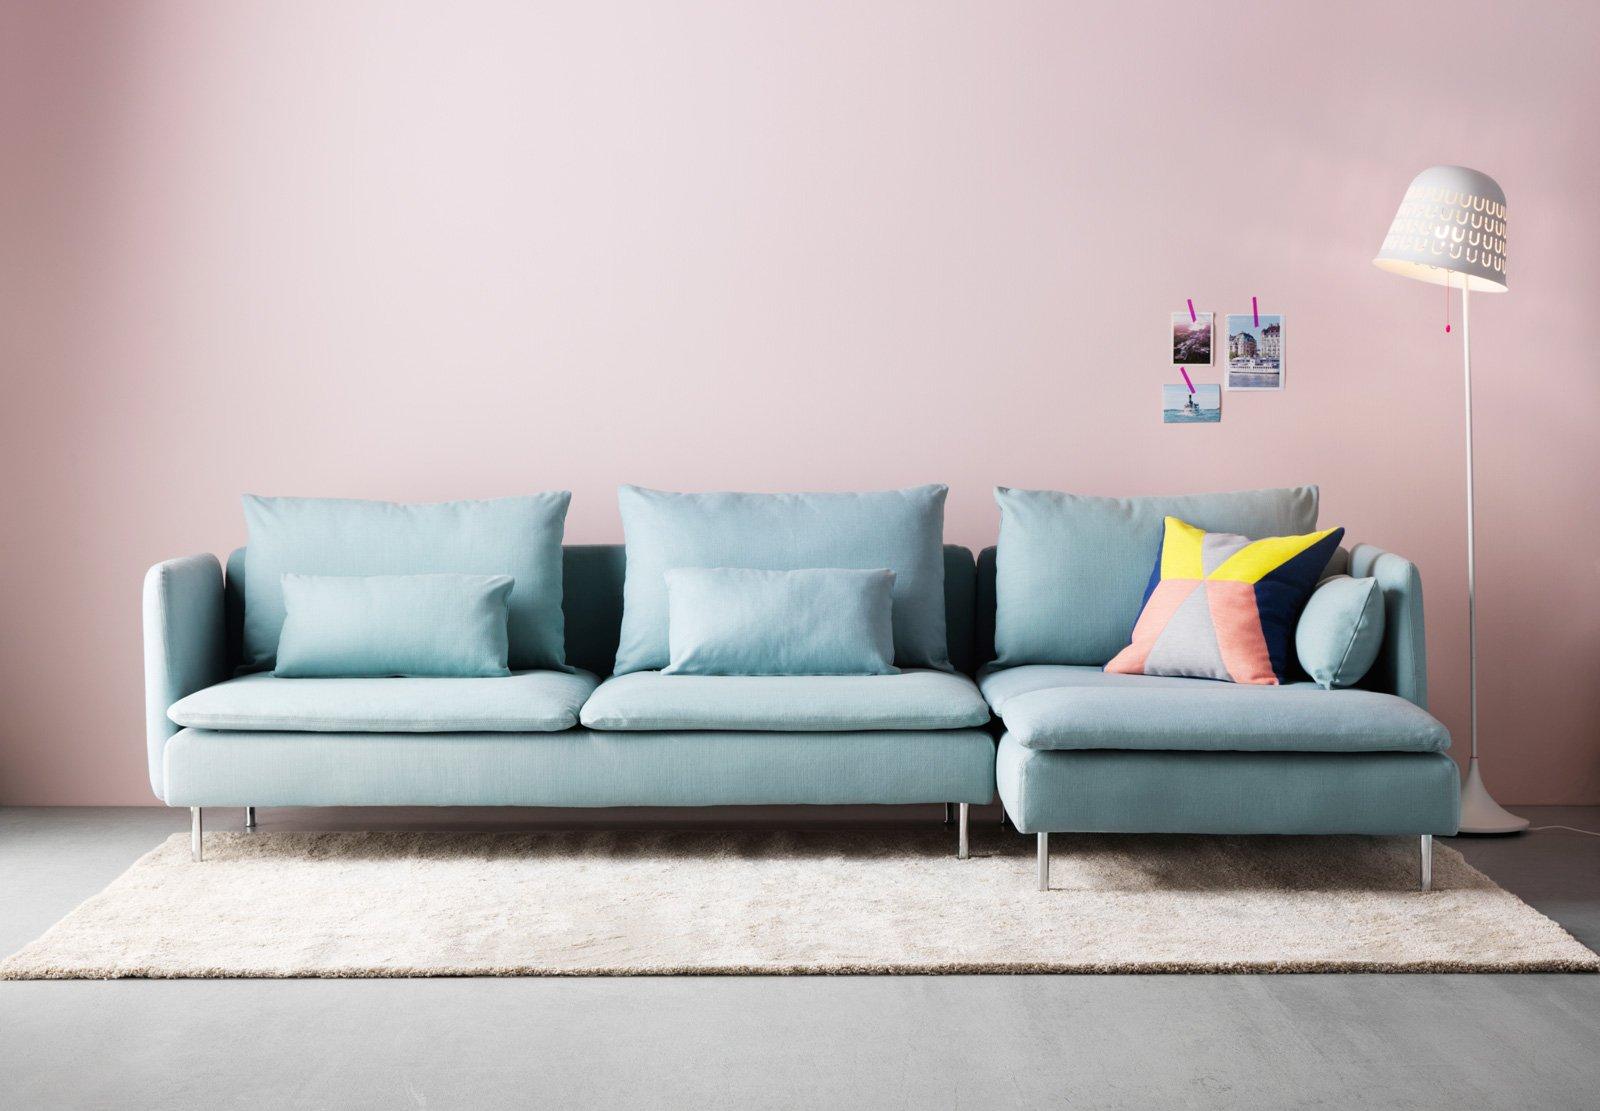 Divano Tessuto Antimacchia Opinioni divano: quale moda? ecco il trend attuale - cose di casa